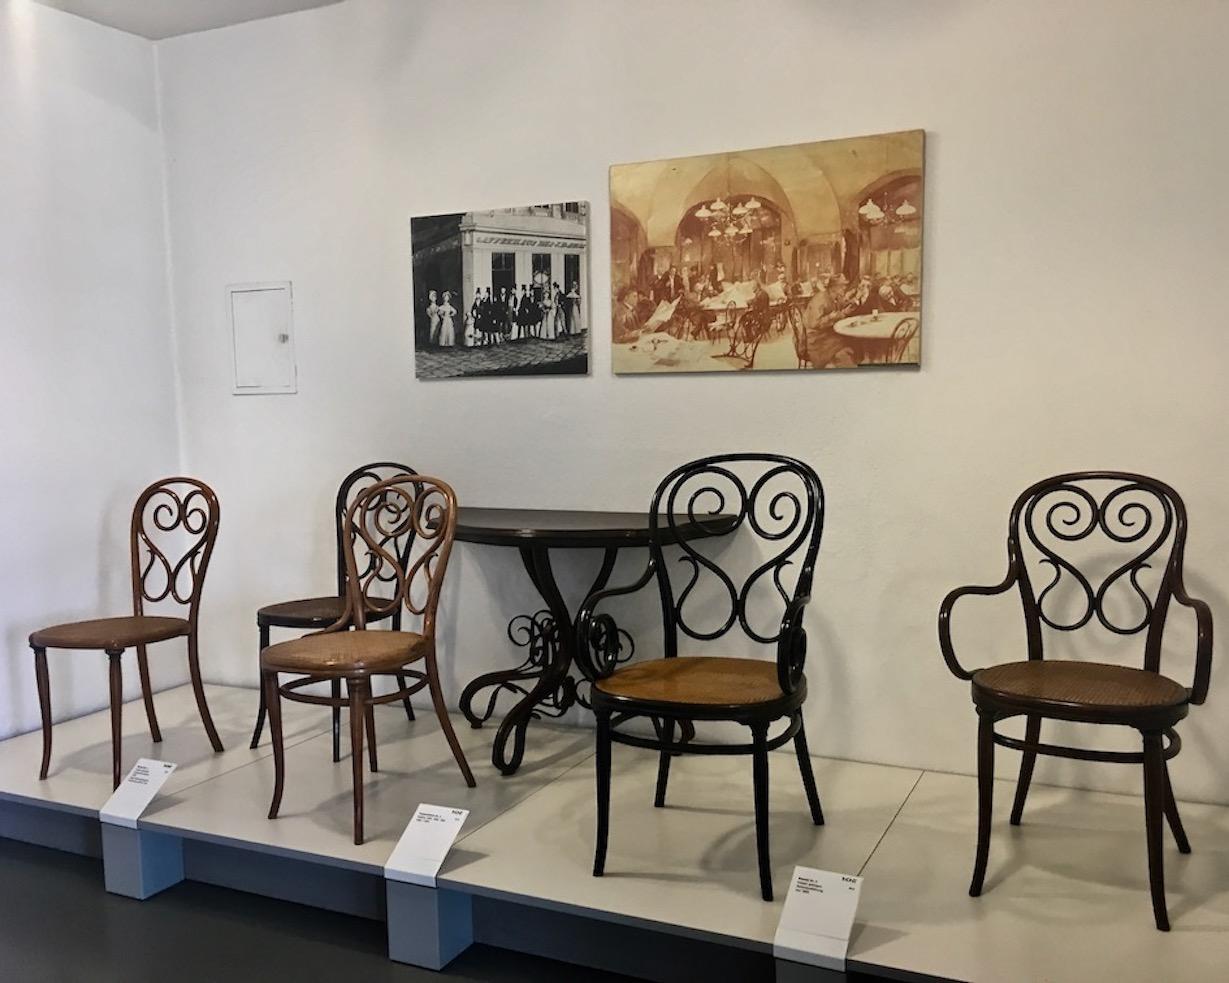 Thonet-Museum Bugholzmöbel Bauhaus-Möbel Frankenberg(Eder) Anfänge mit Wienerkaffeehausstuhl